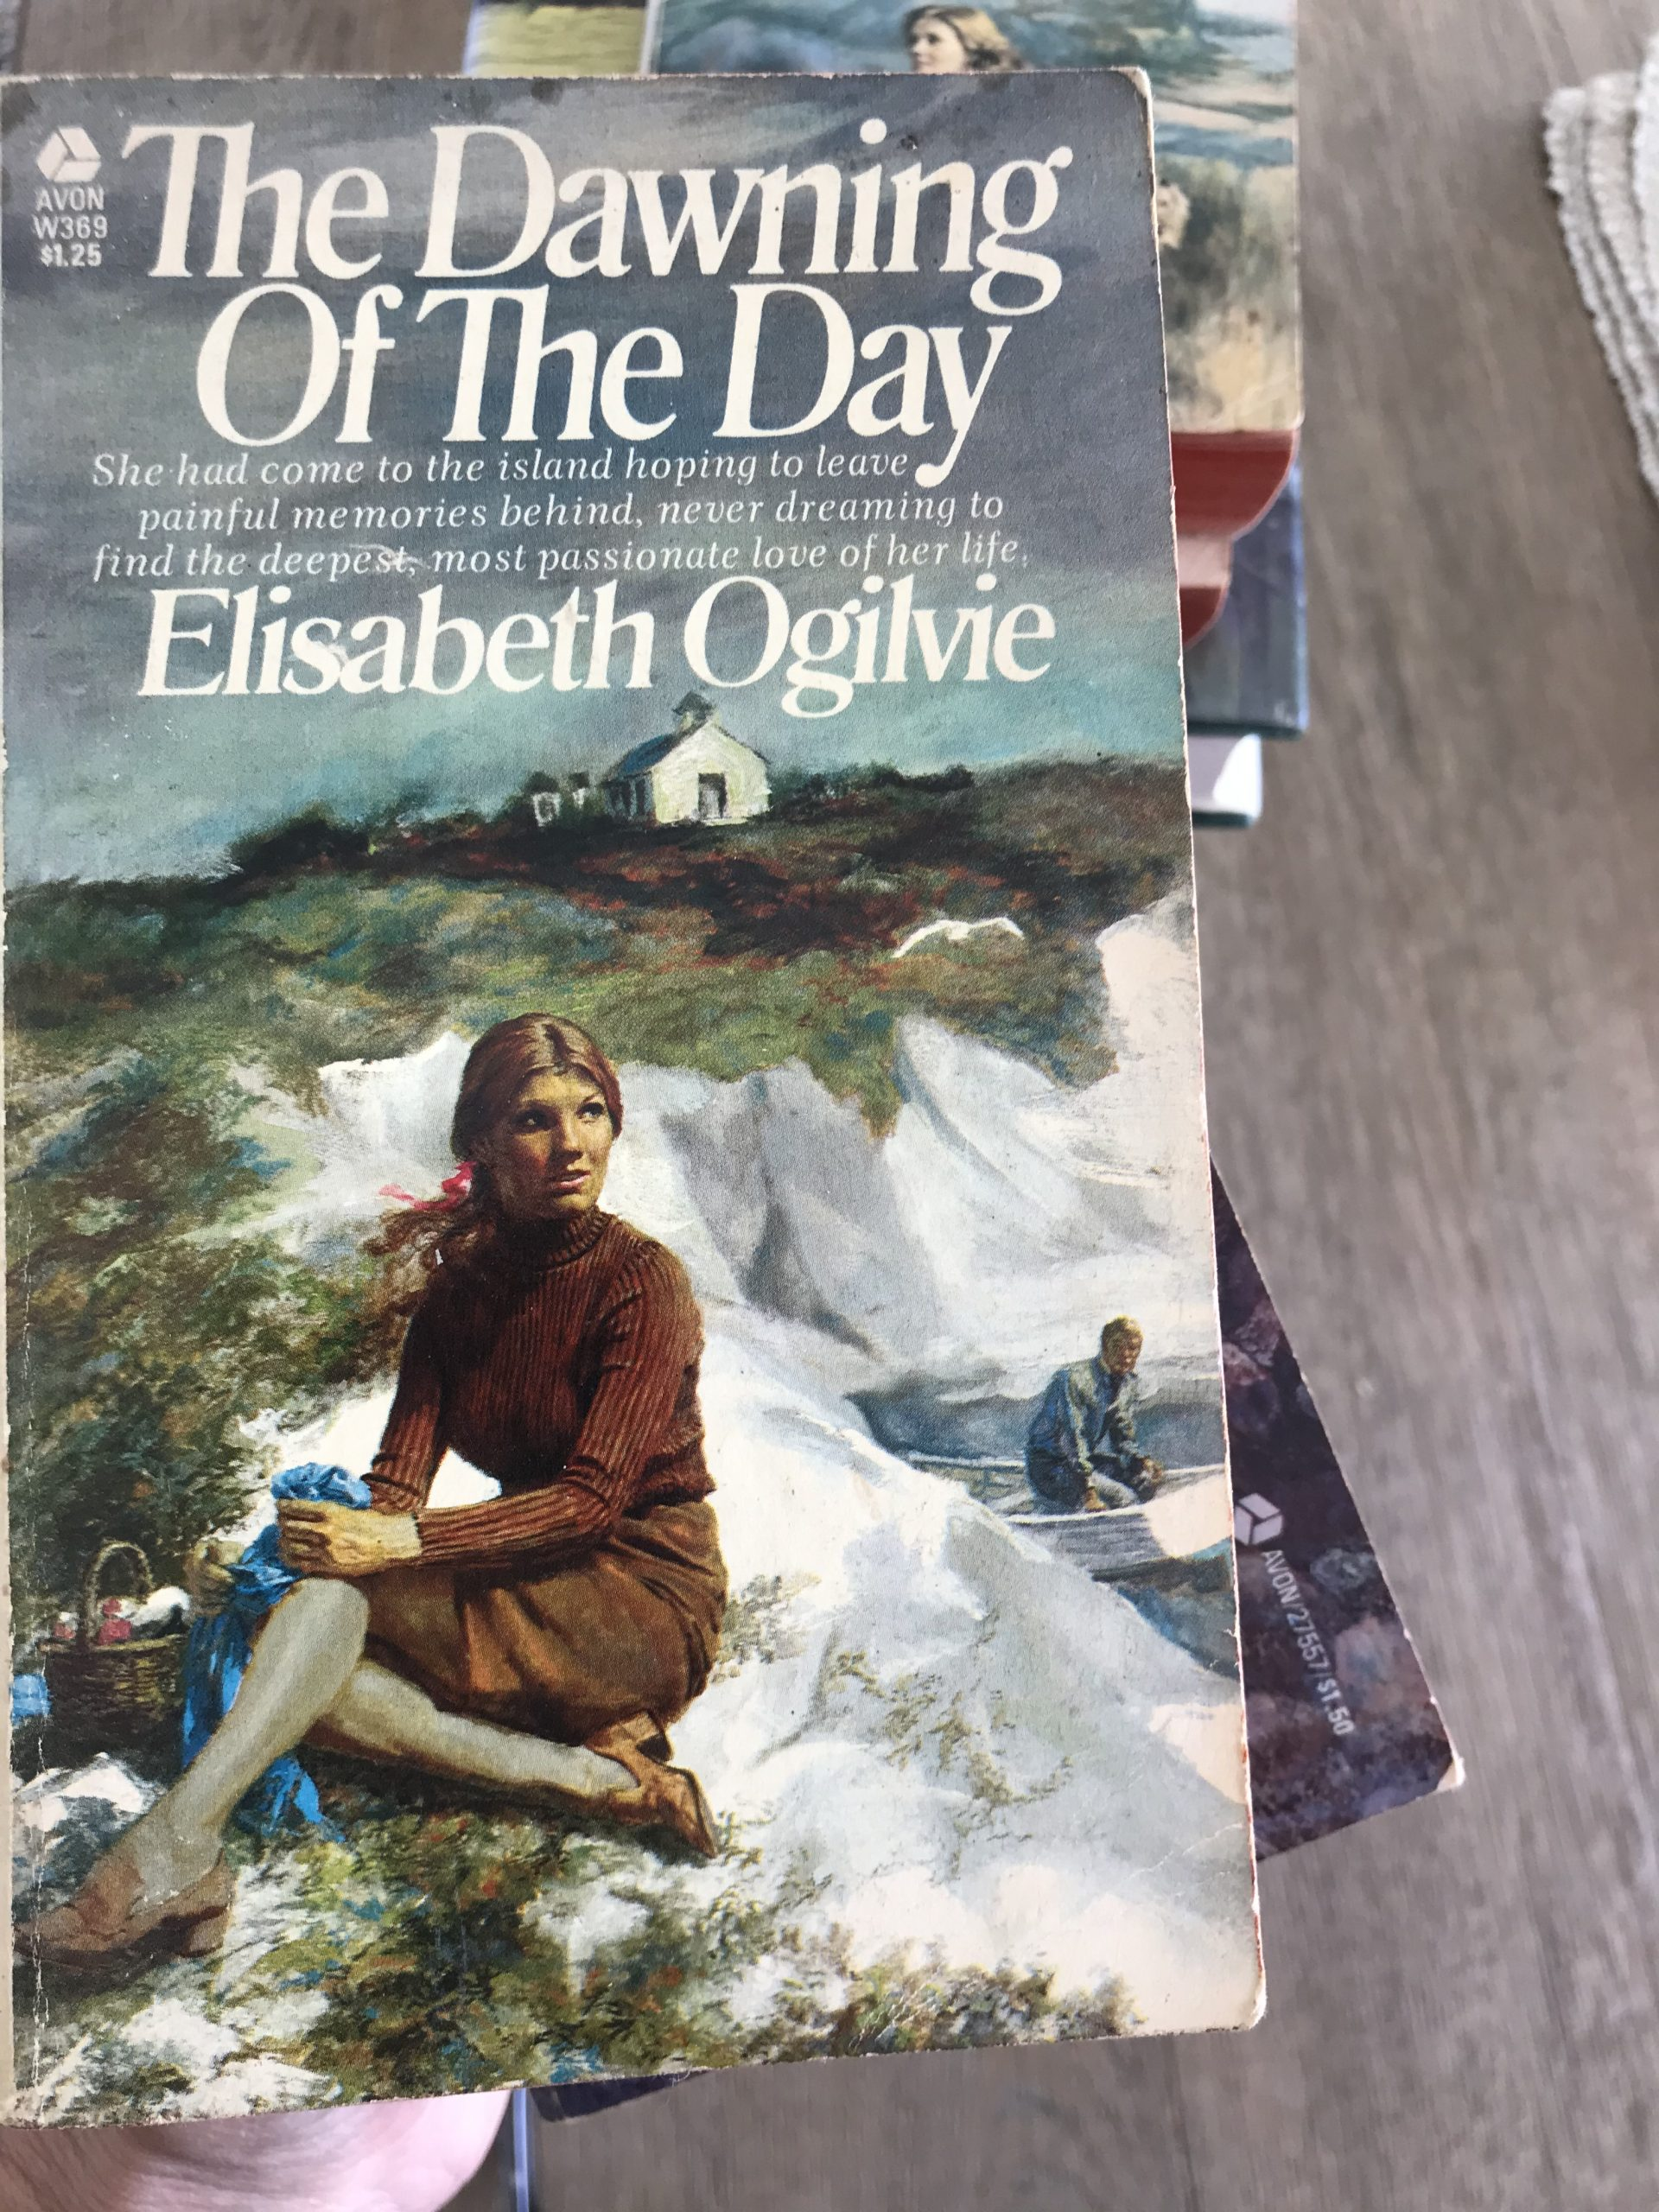 The Elisabeth Ogilvie Books – Where Do I Start First?